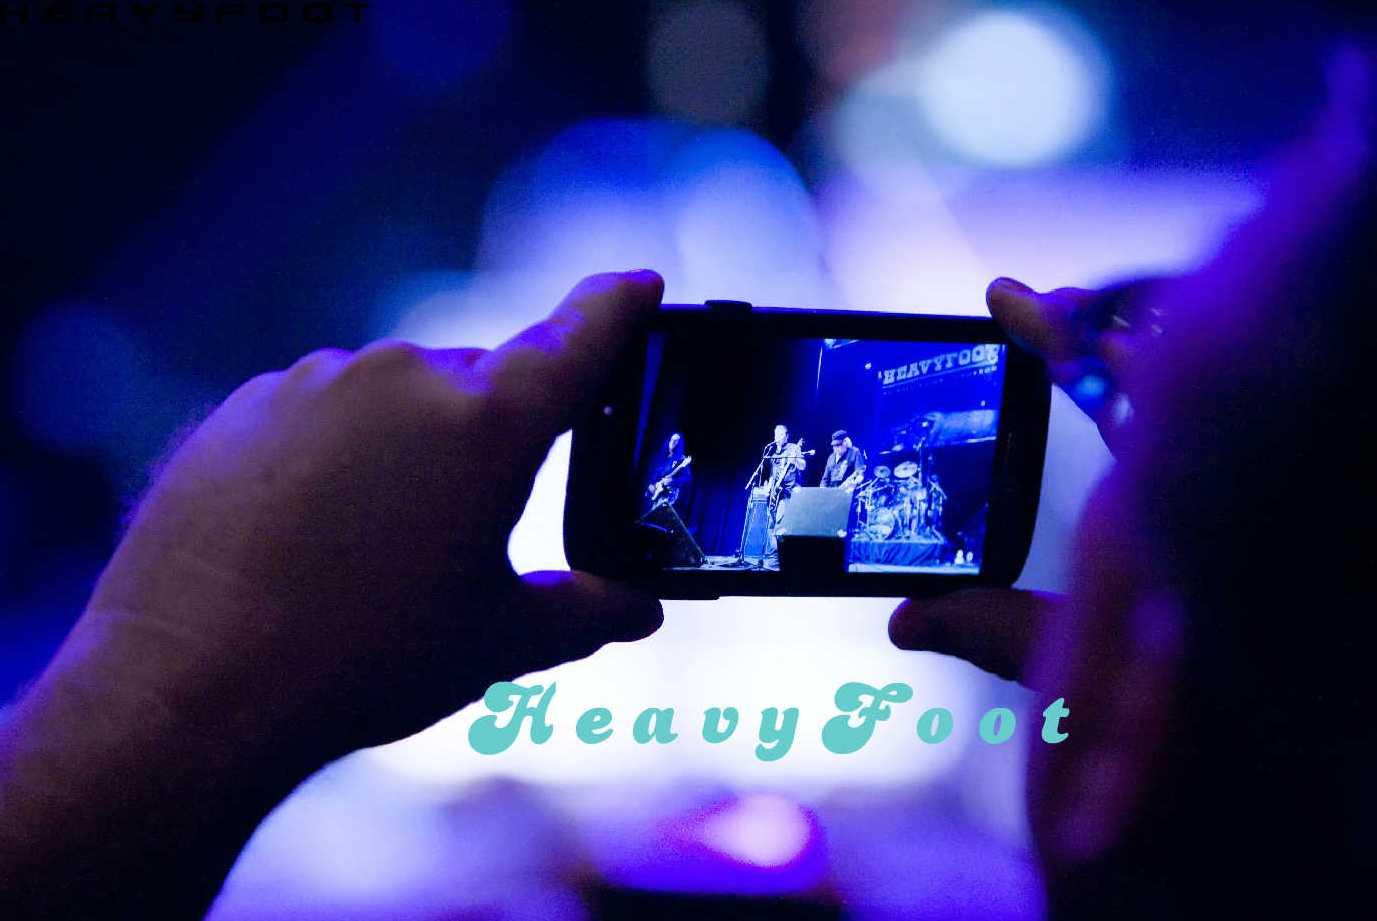 HeavyFoot Header